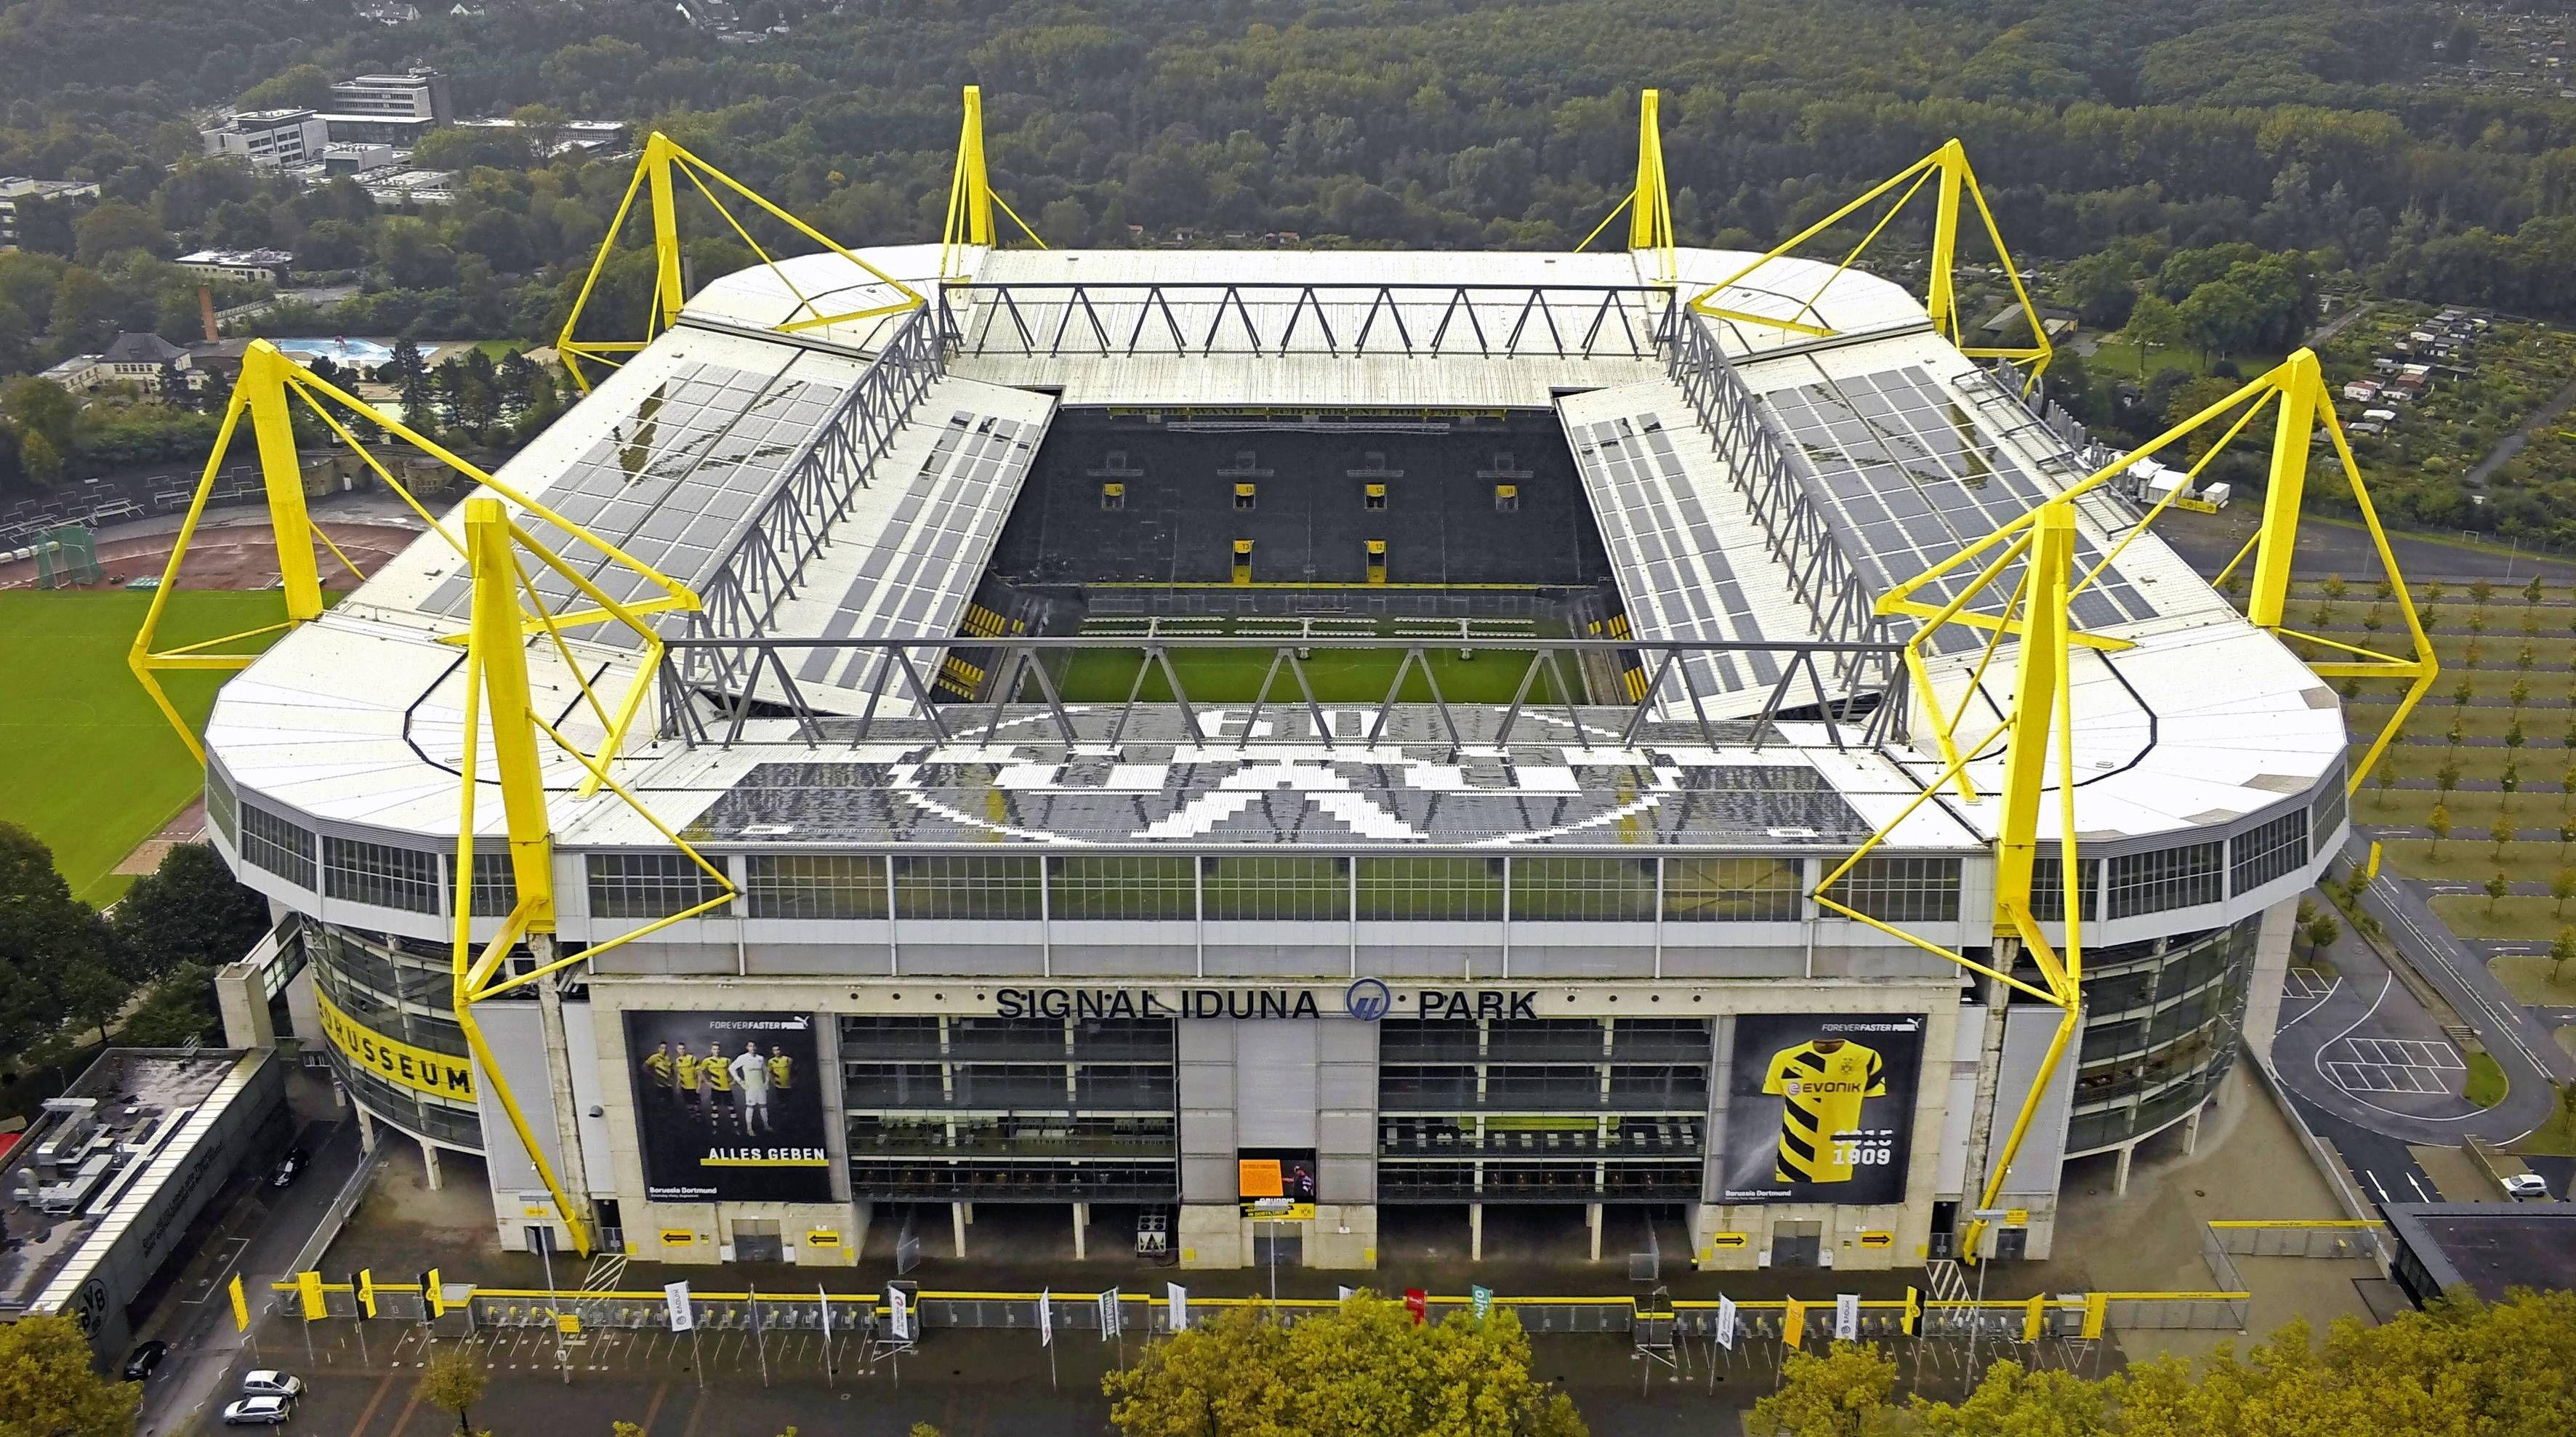 Liverpool sẽ thi đấu ở Dortmund sau xác nhận chuyển địa điểm của Champions League